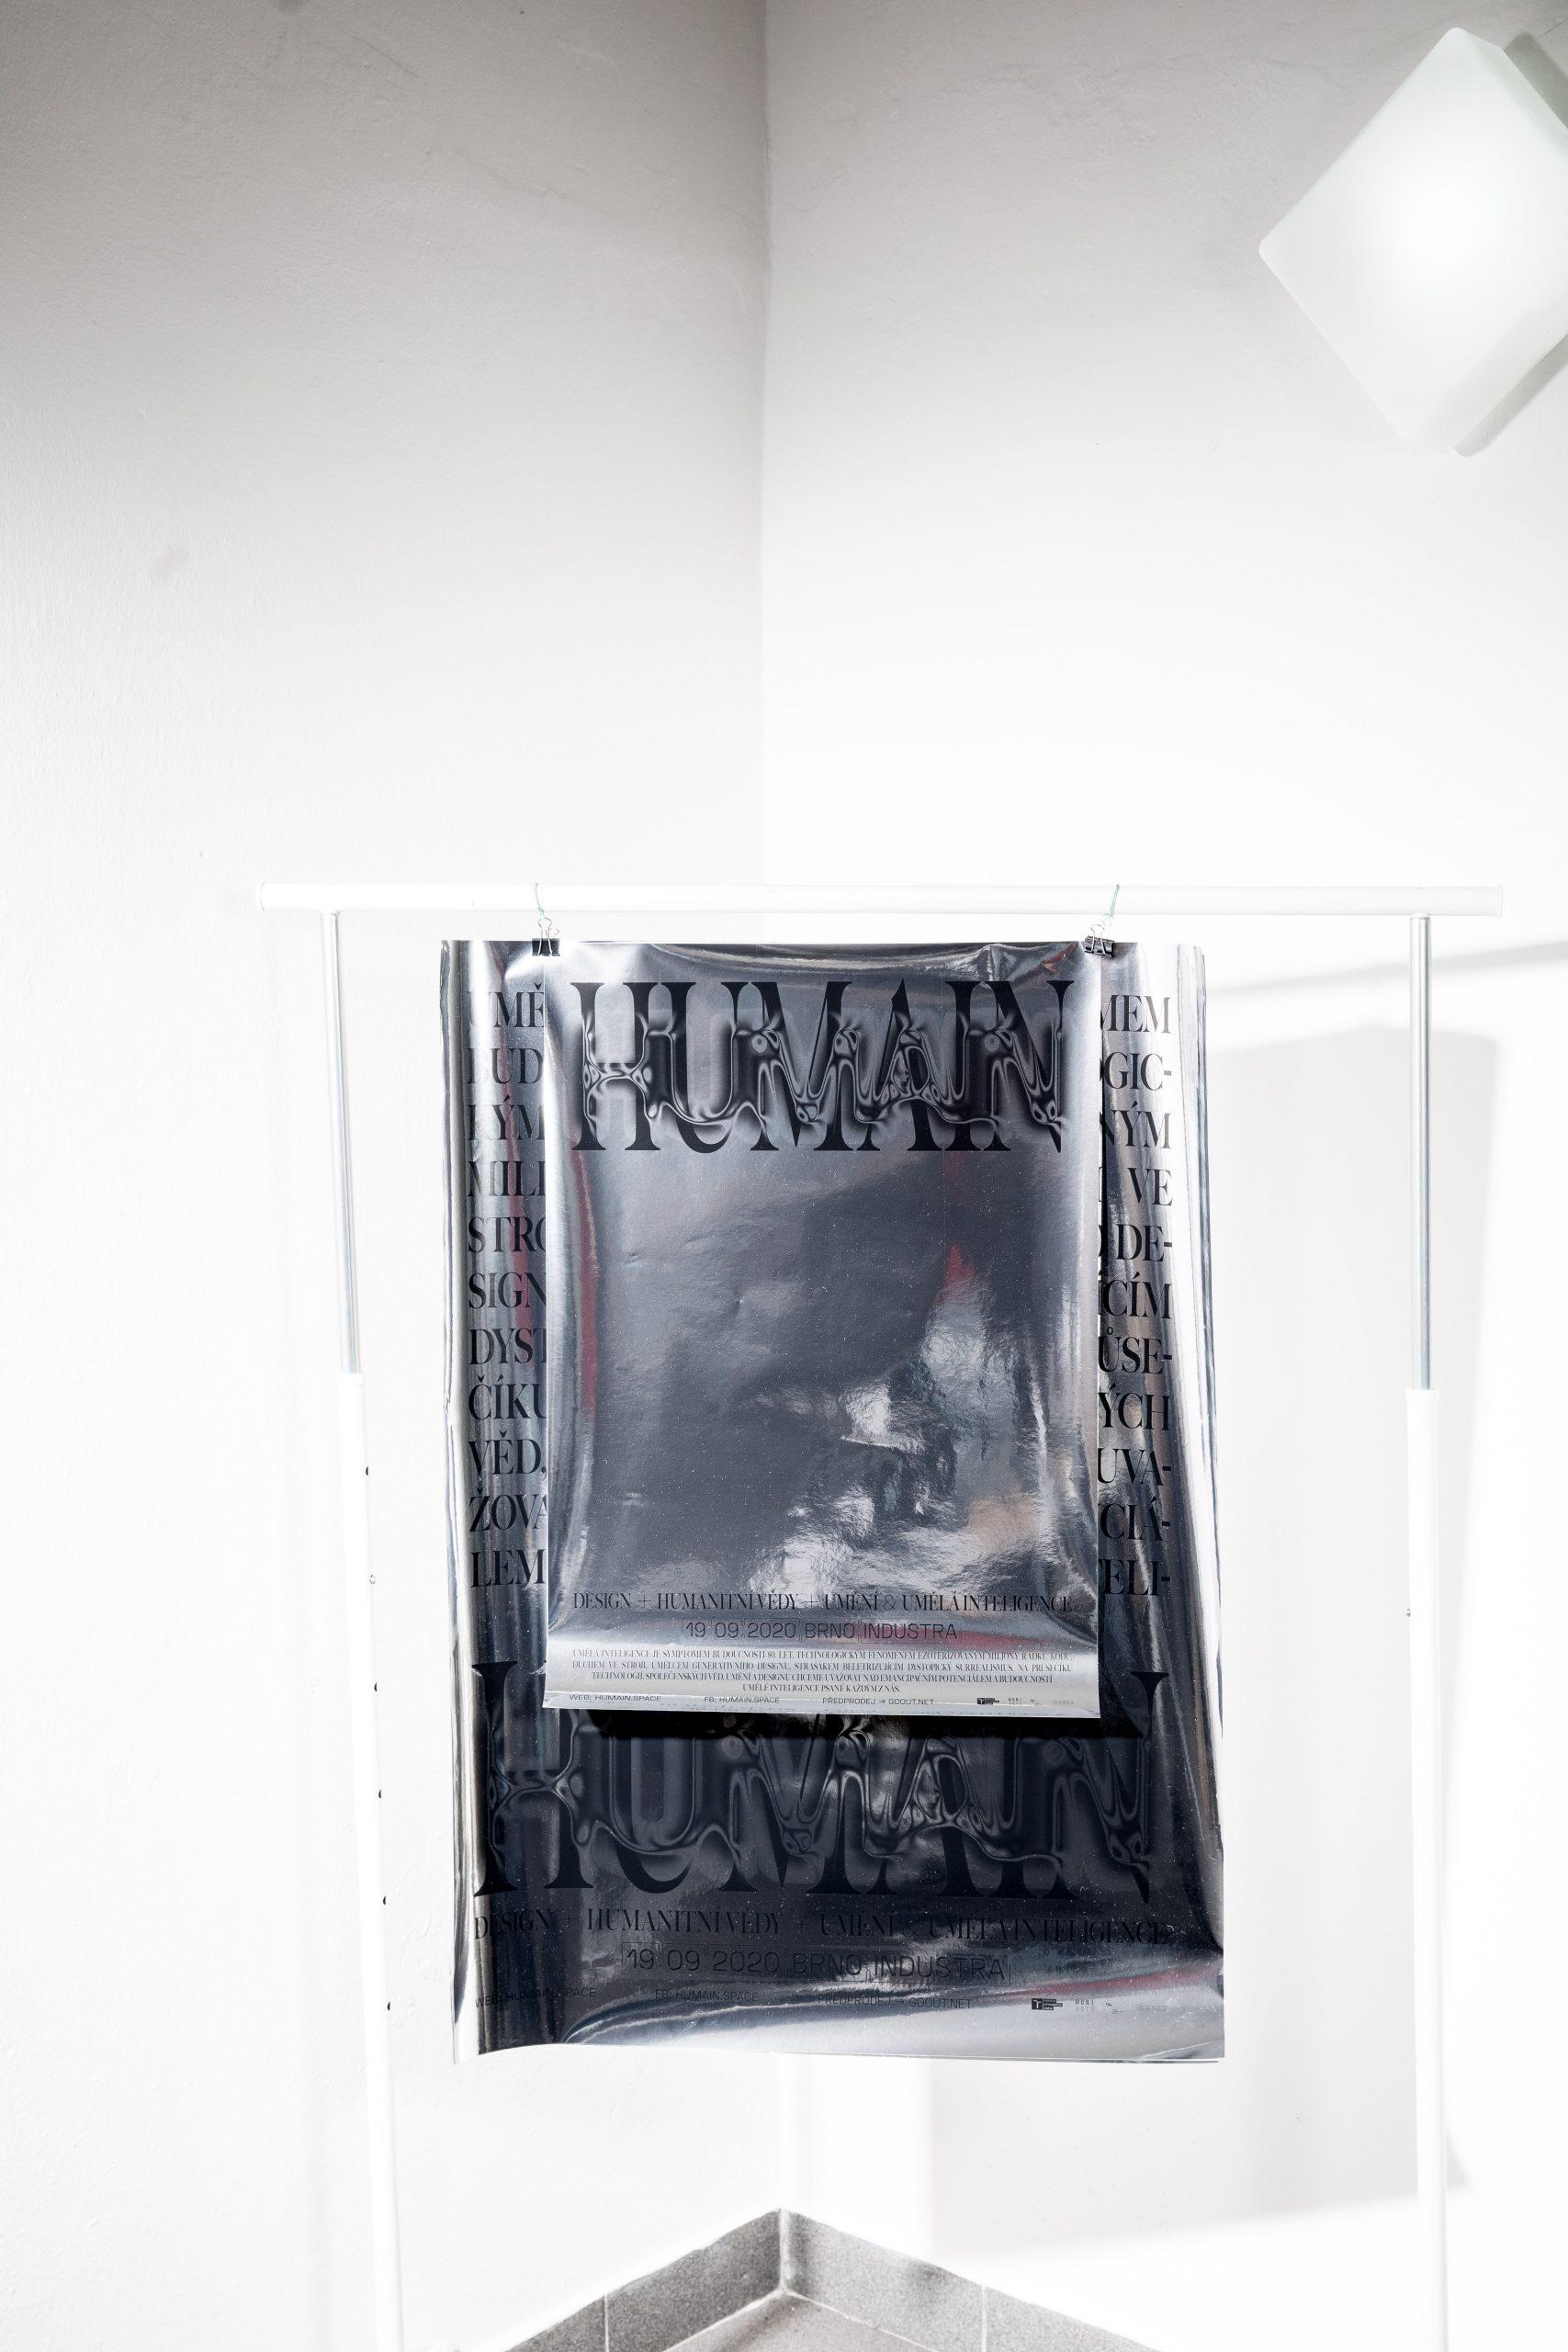 Humain, Alina Random, mirror